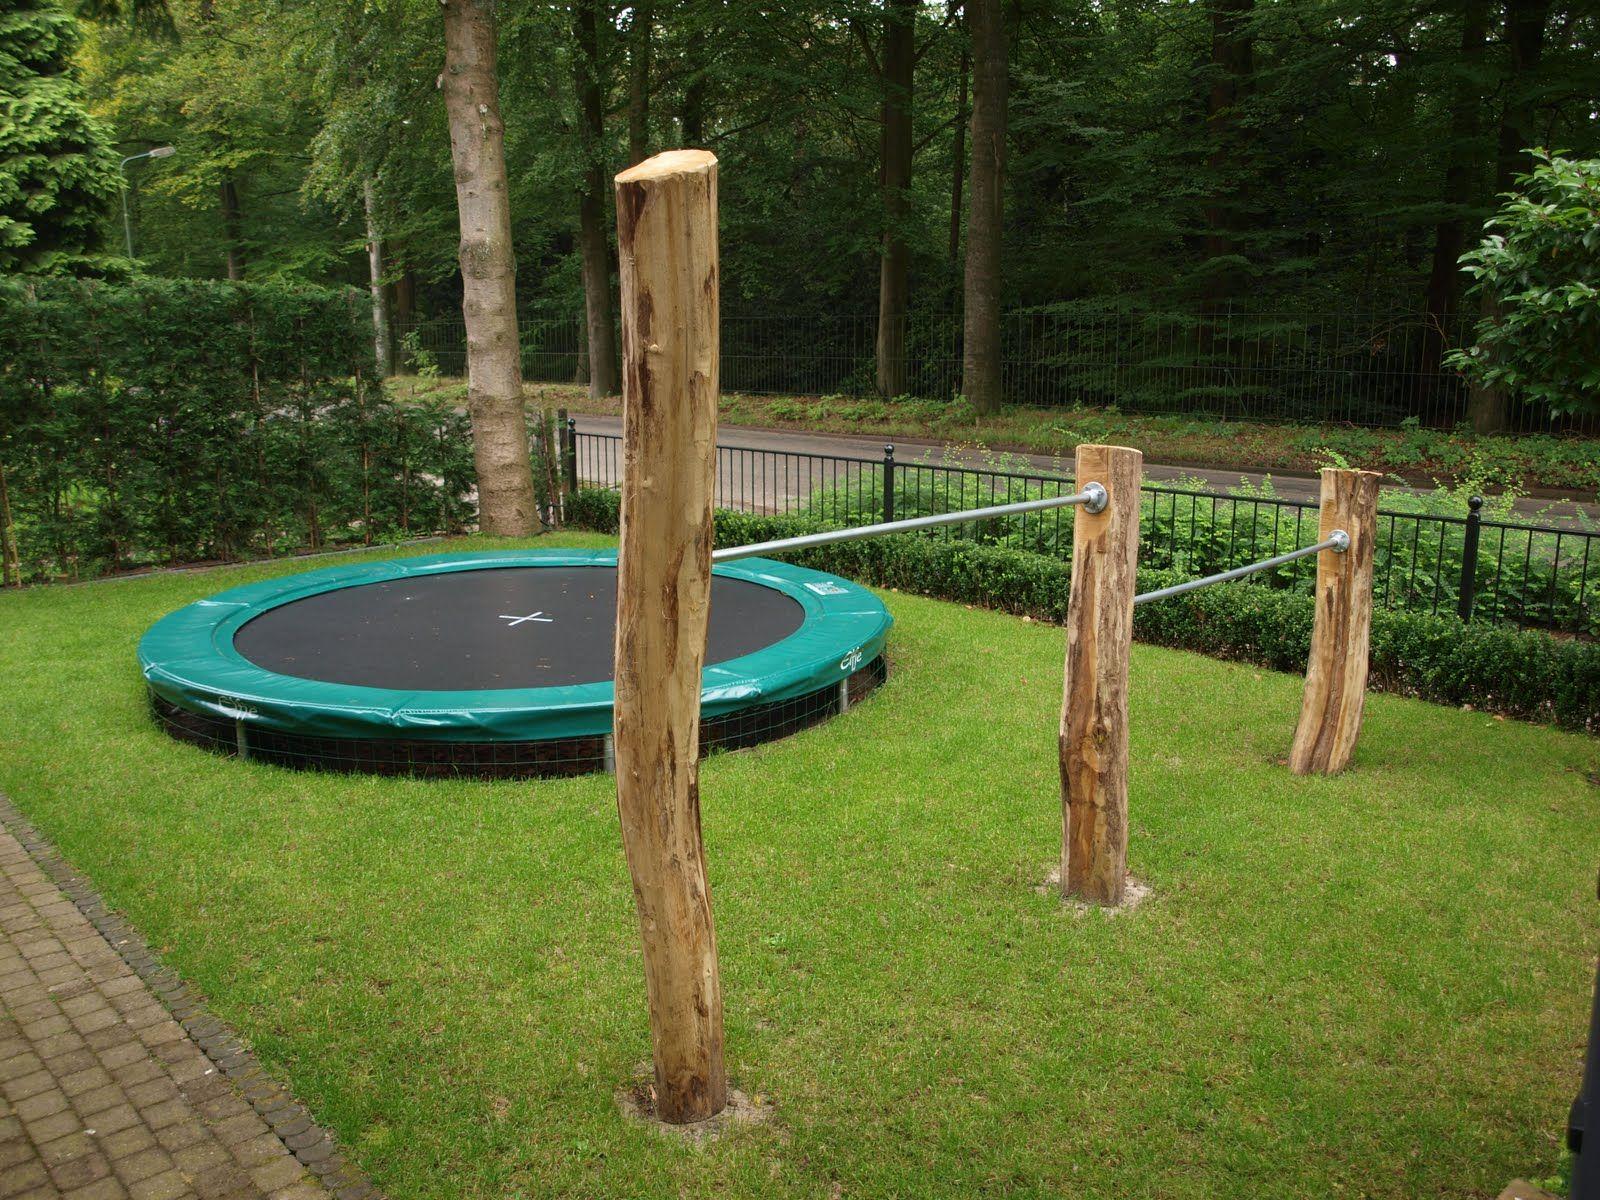 Pin Van Sylvia Sappa Op Projekte In 2020 Tuin Ideeen Tuin Tuin Ideeen Kinderen